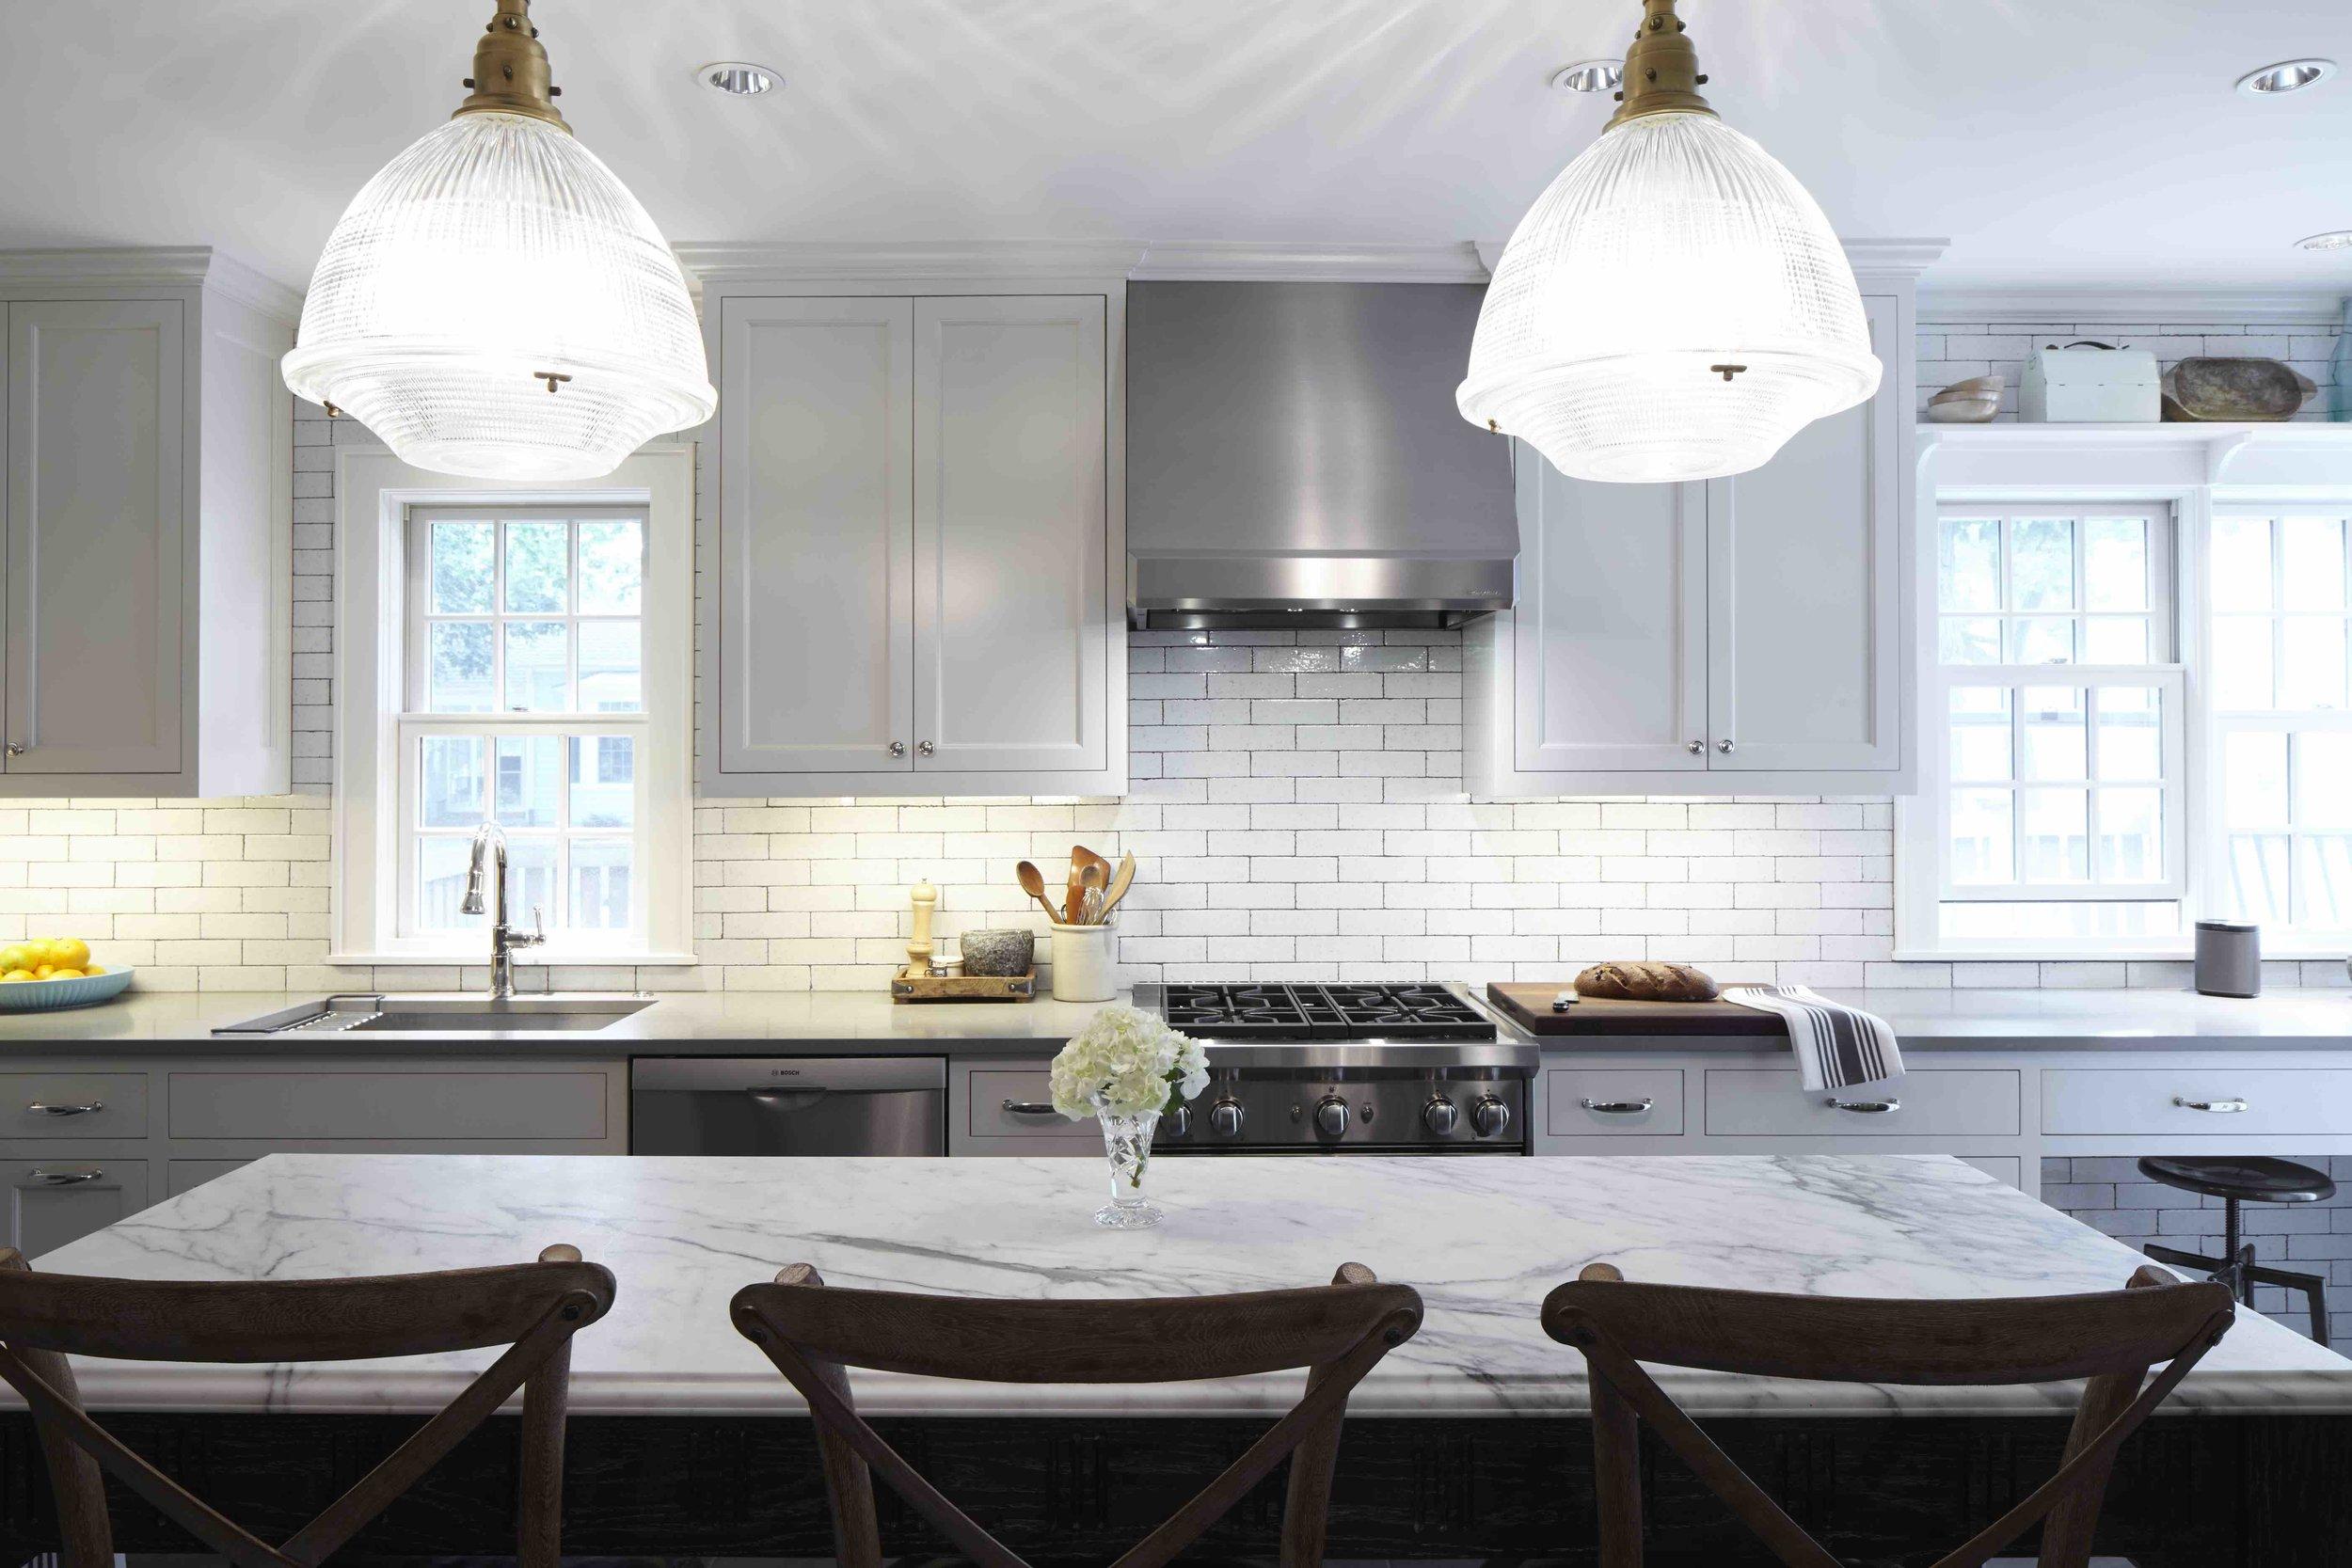 kitchen2-041 1.jpg